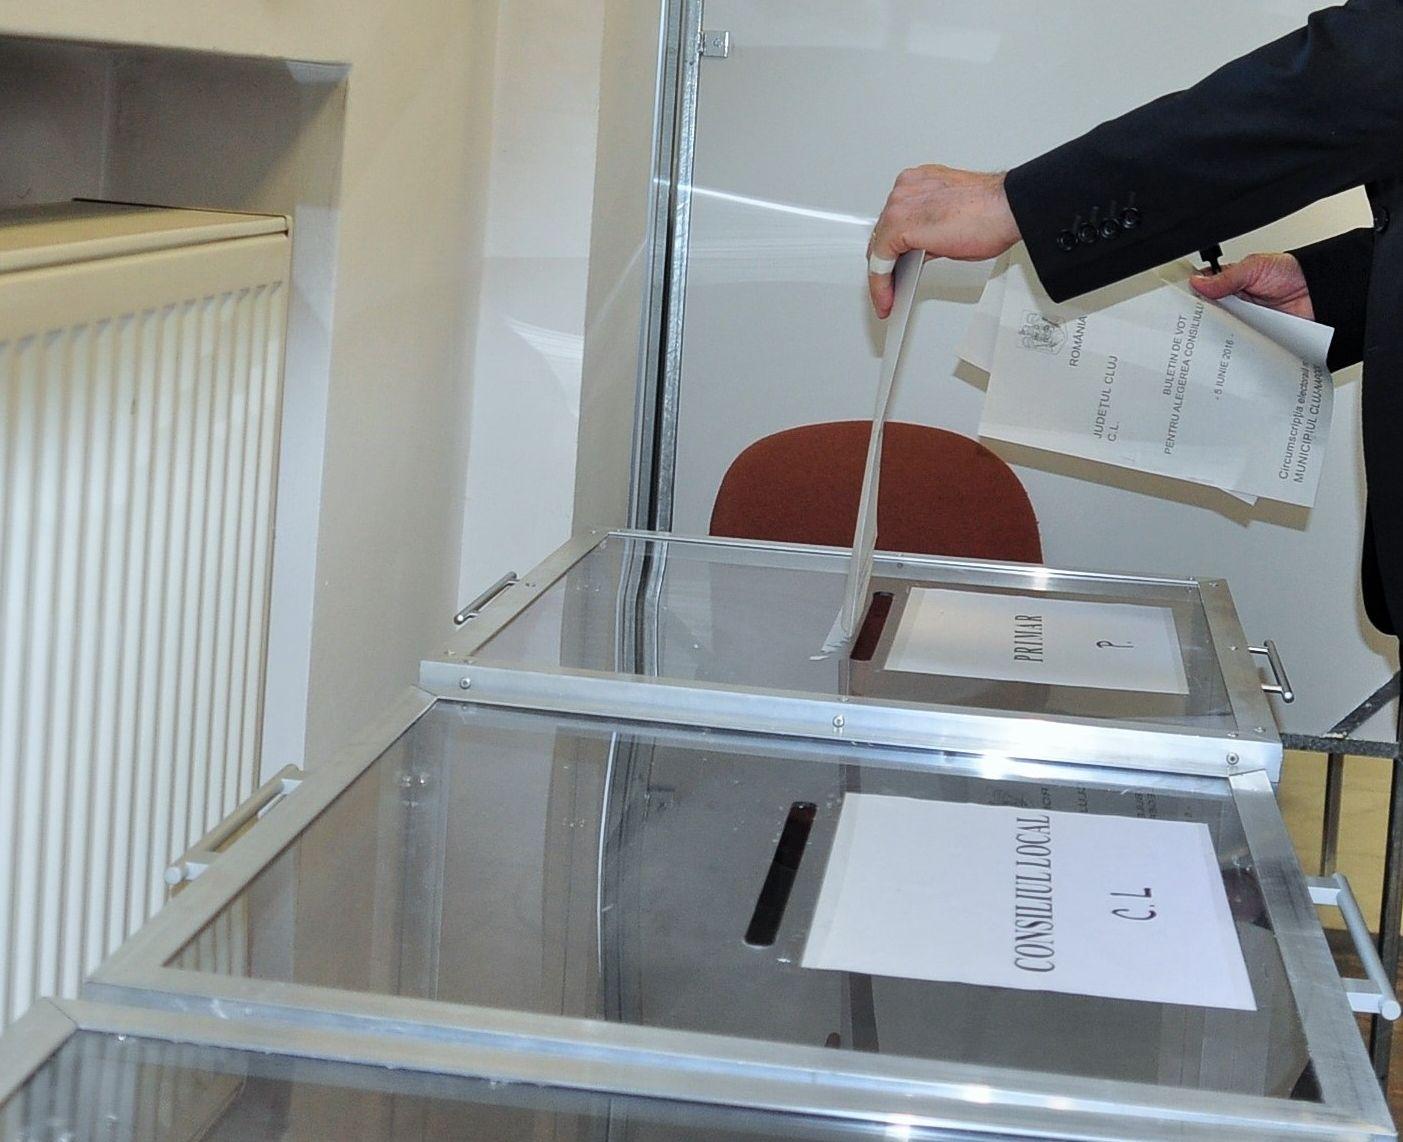 vot urne locale 2016